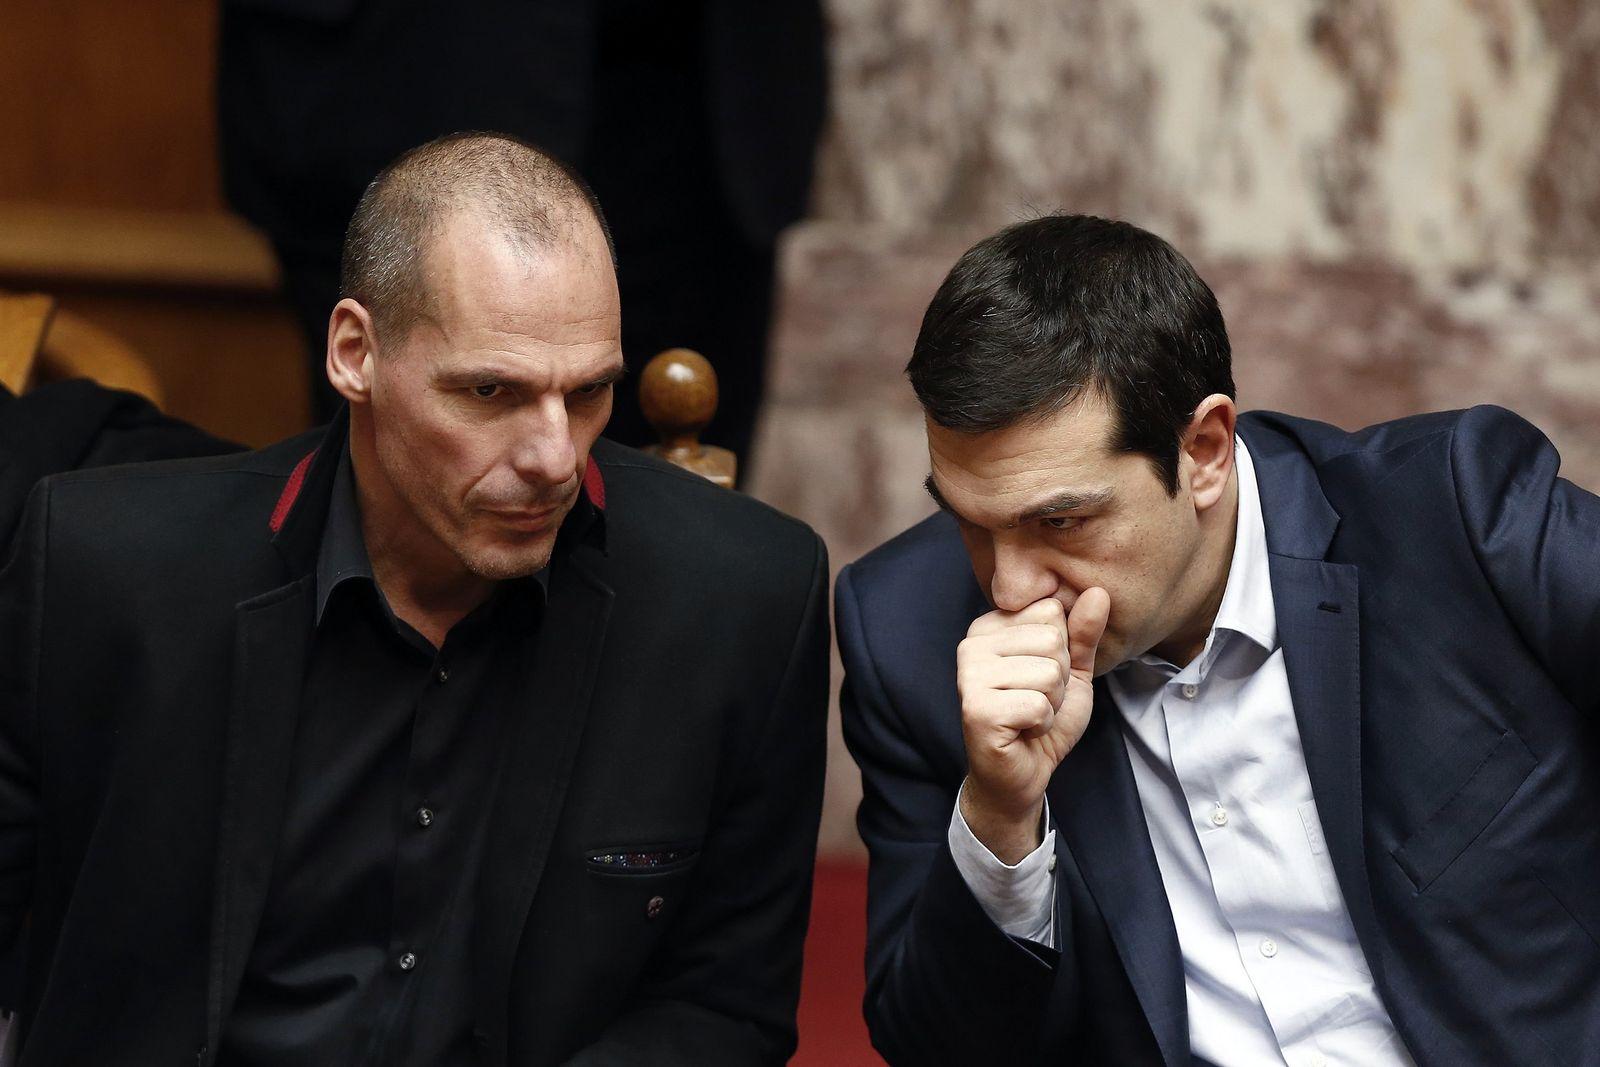 Varoufakis / Tsipras